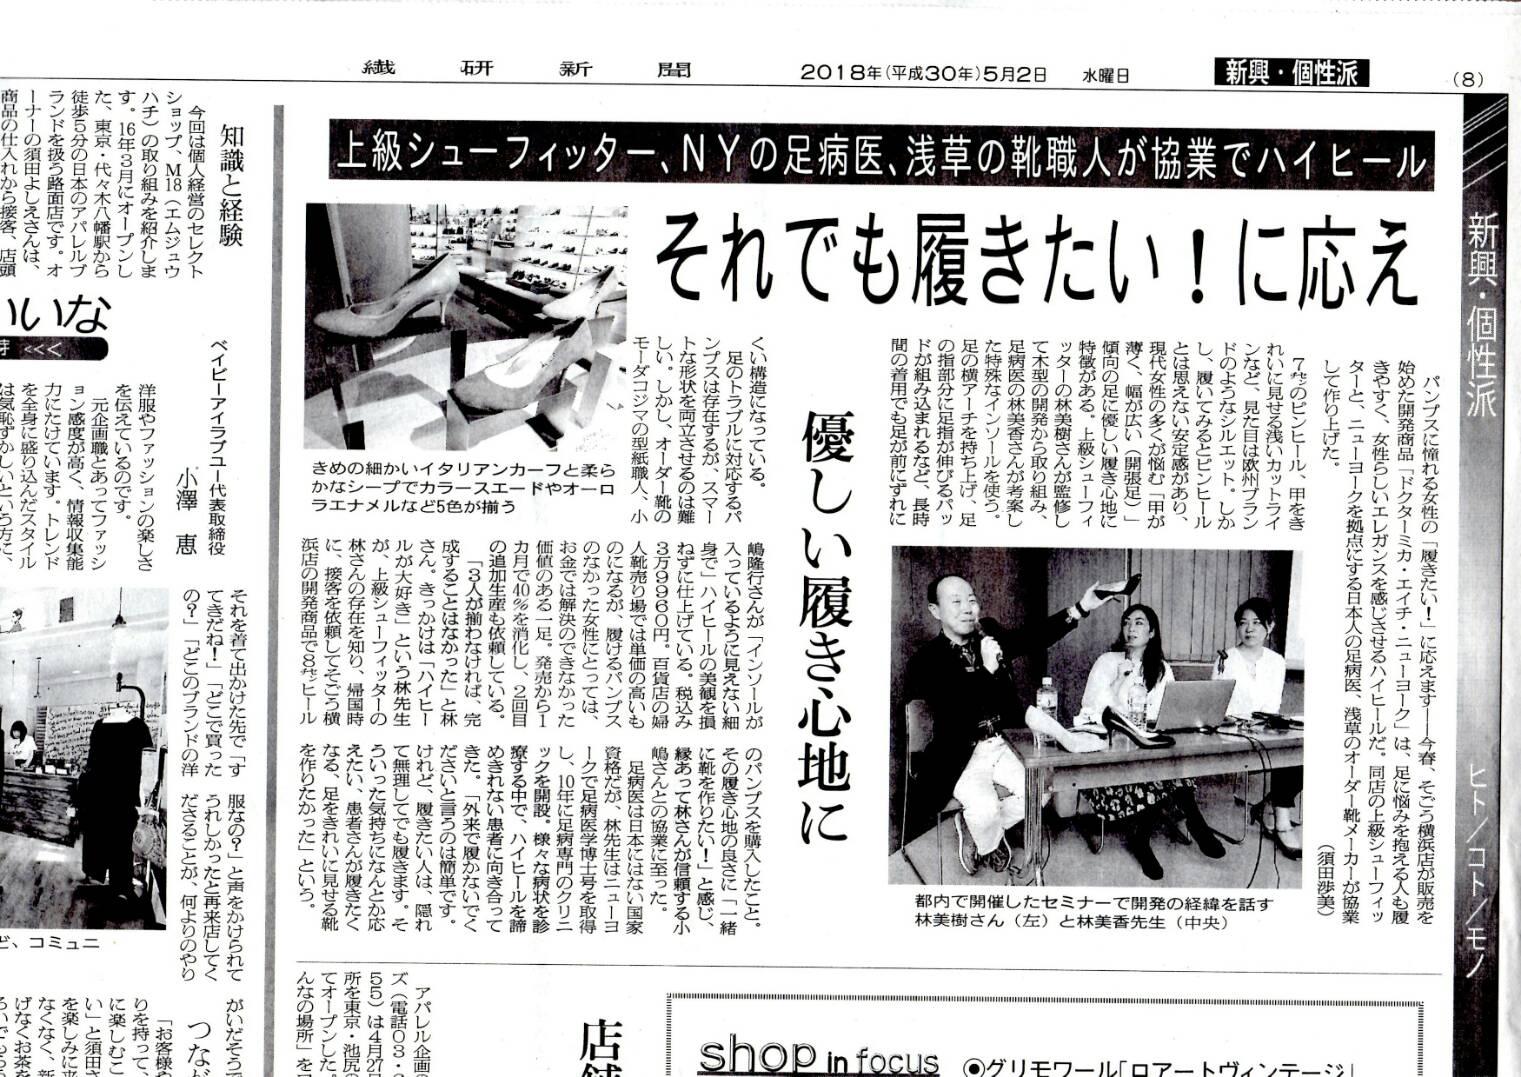 【女性の「履きたい!」に応えるハイヒール】繊研新聞に取り上げられました